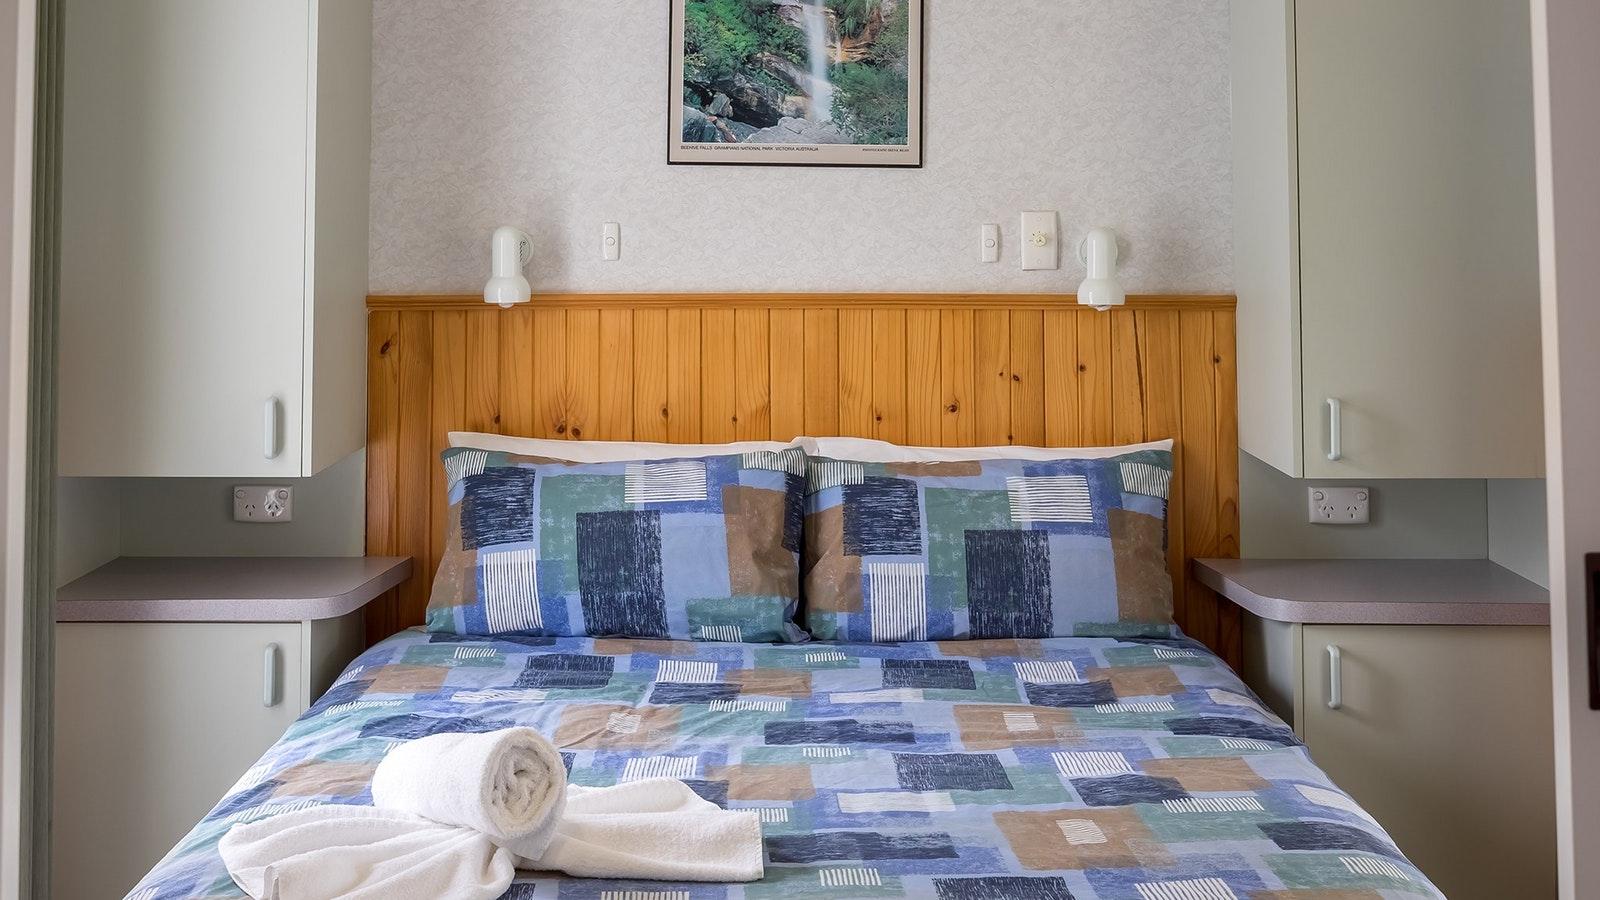 Queen-sized bed in master bedroom